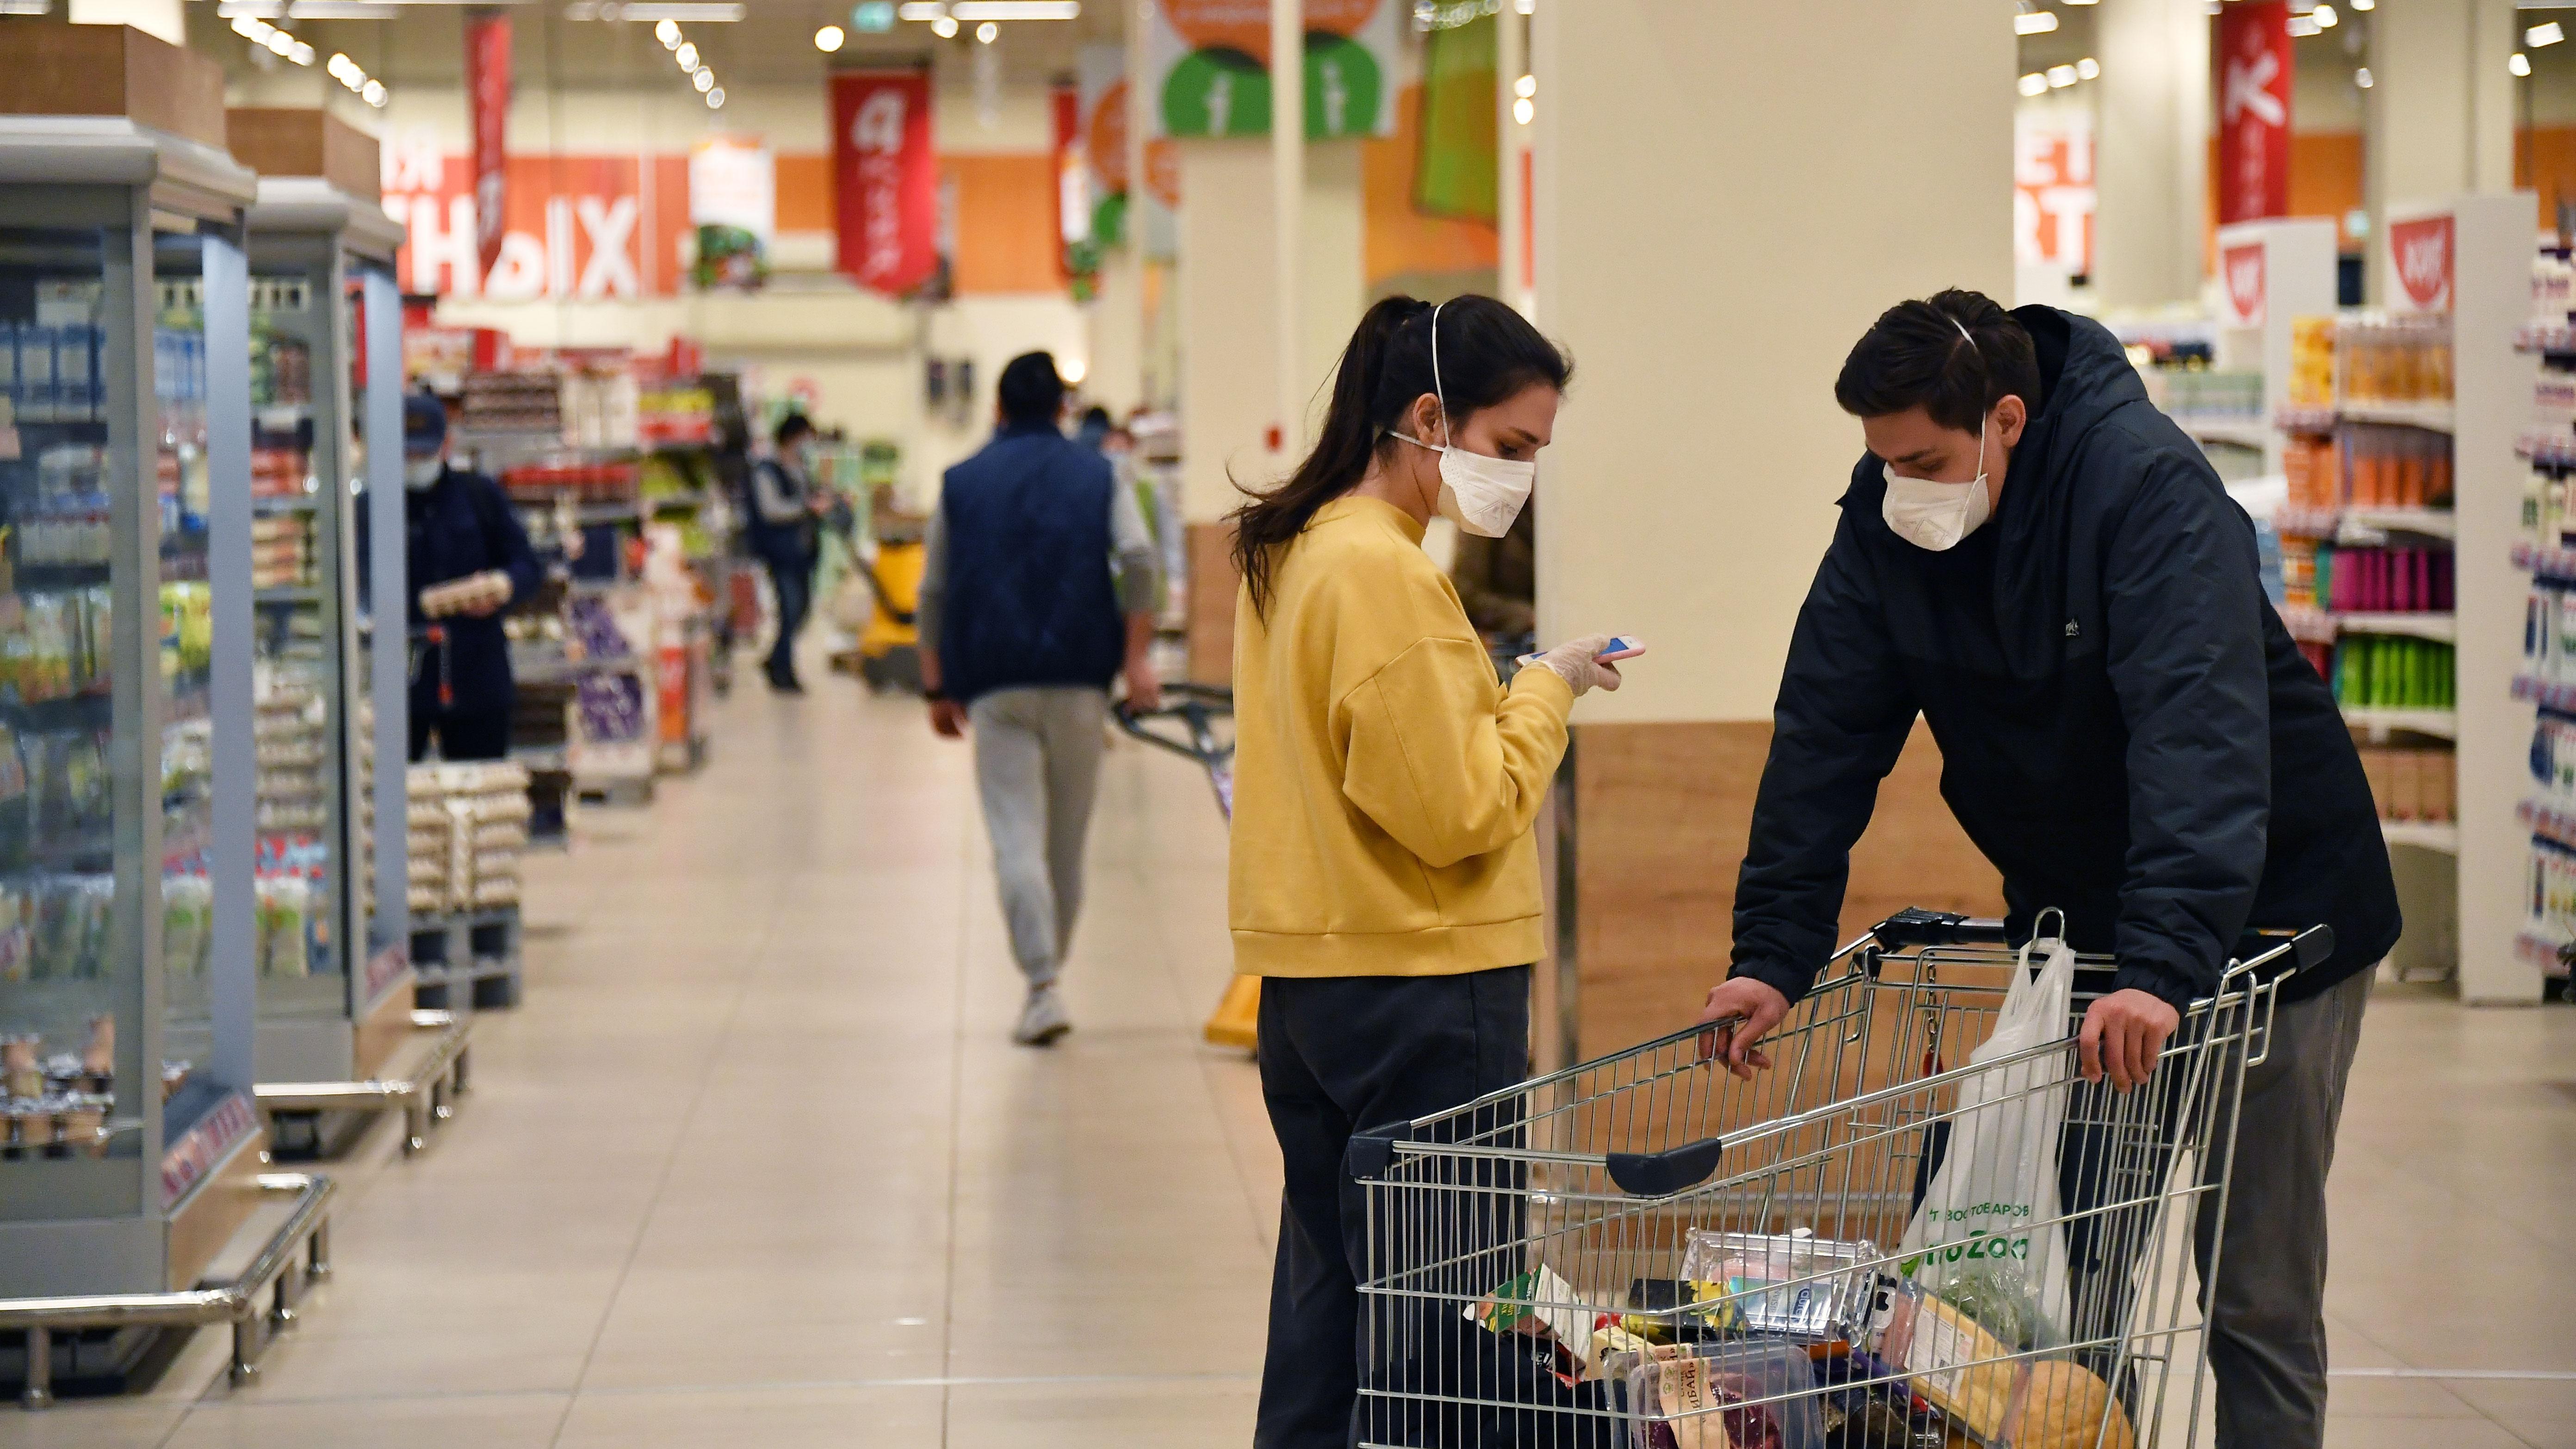 «Нет четких прогнозов»: Попова прокомментировала сроки окончания пандемии